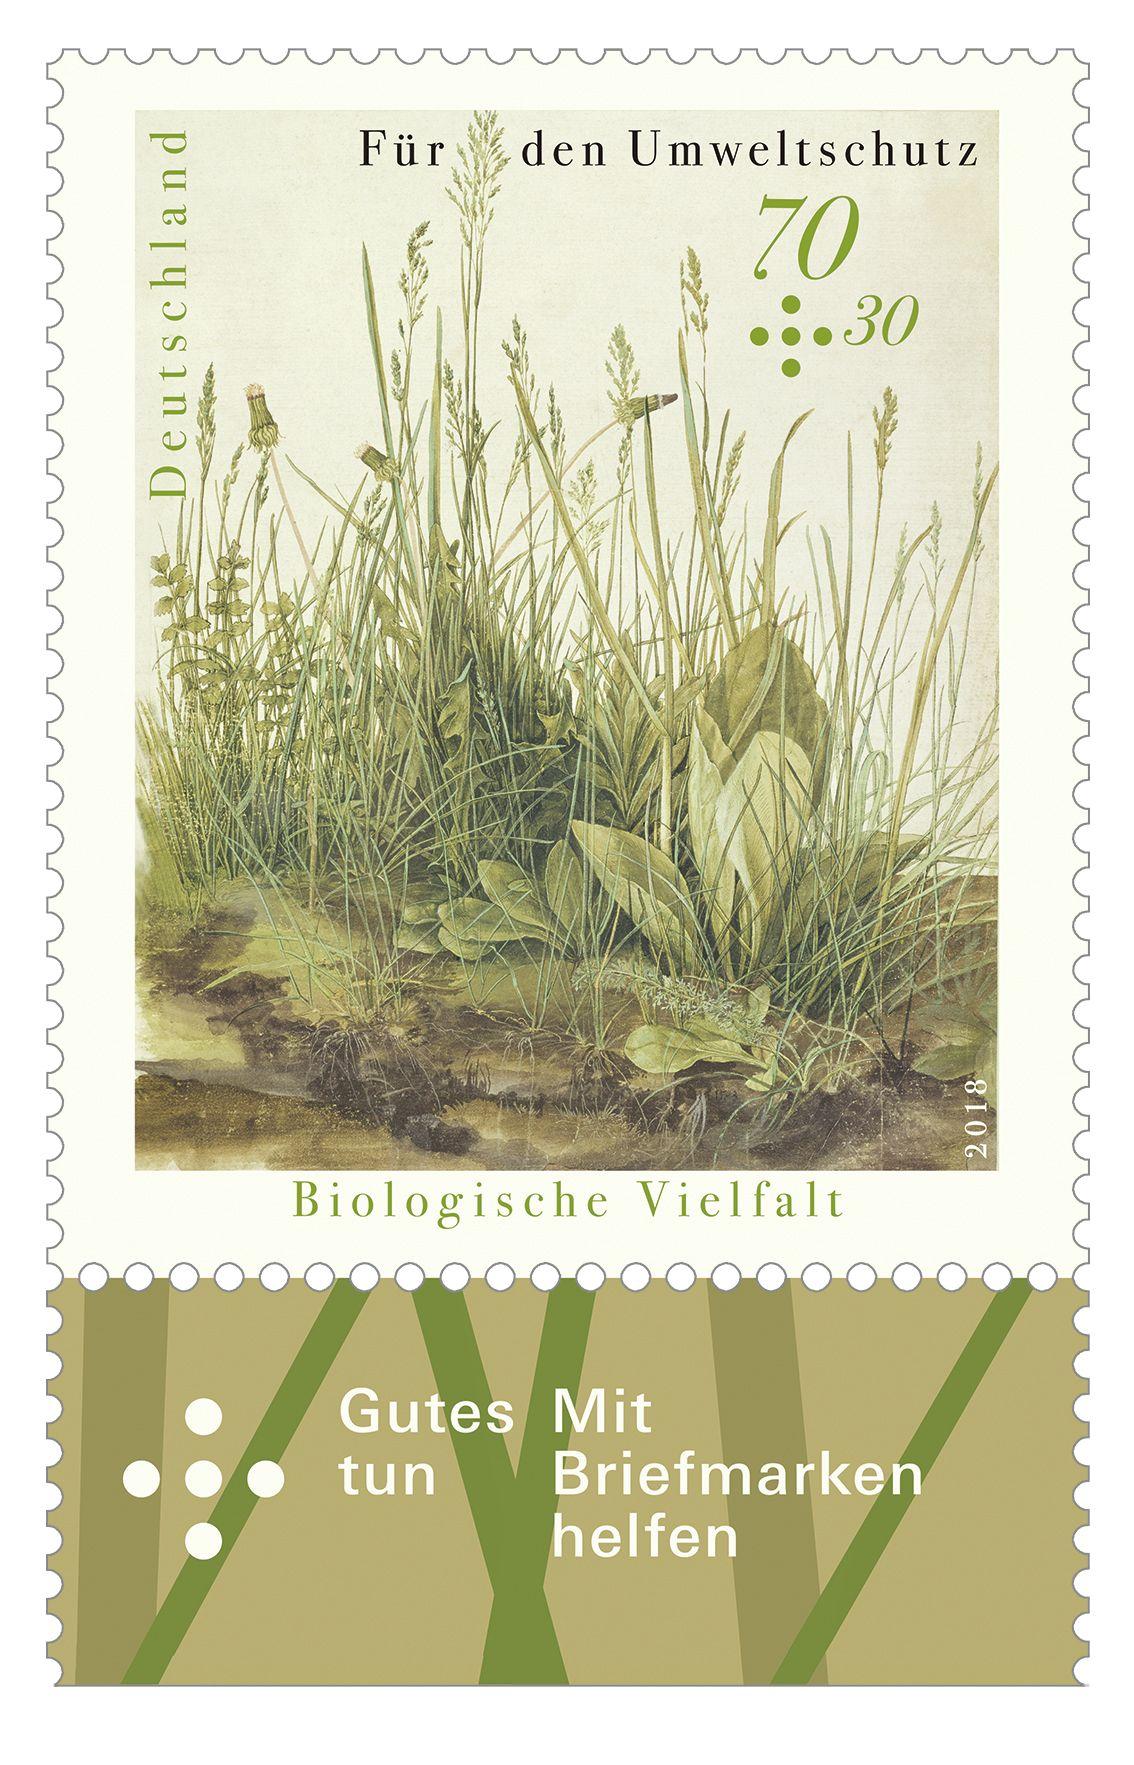 Stamps of Germany (DDR) 1982 BriefmarkenJahrgang 1982